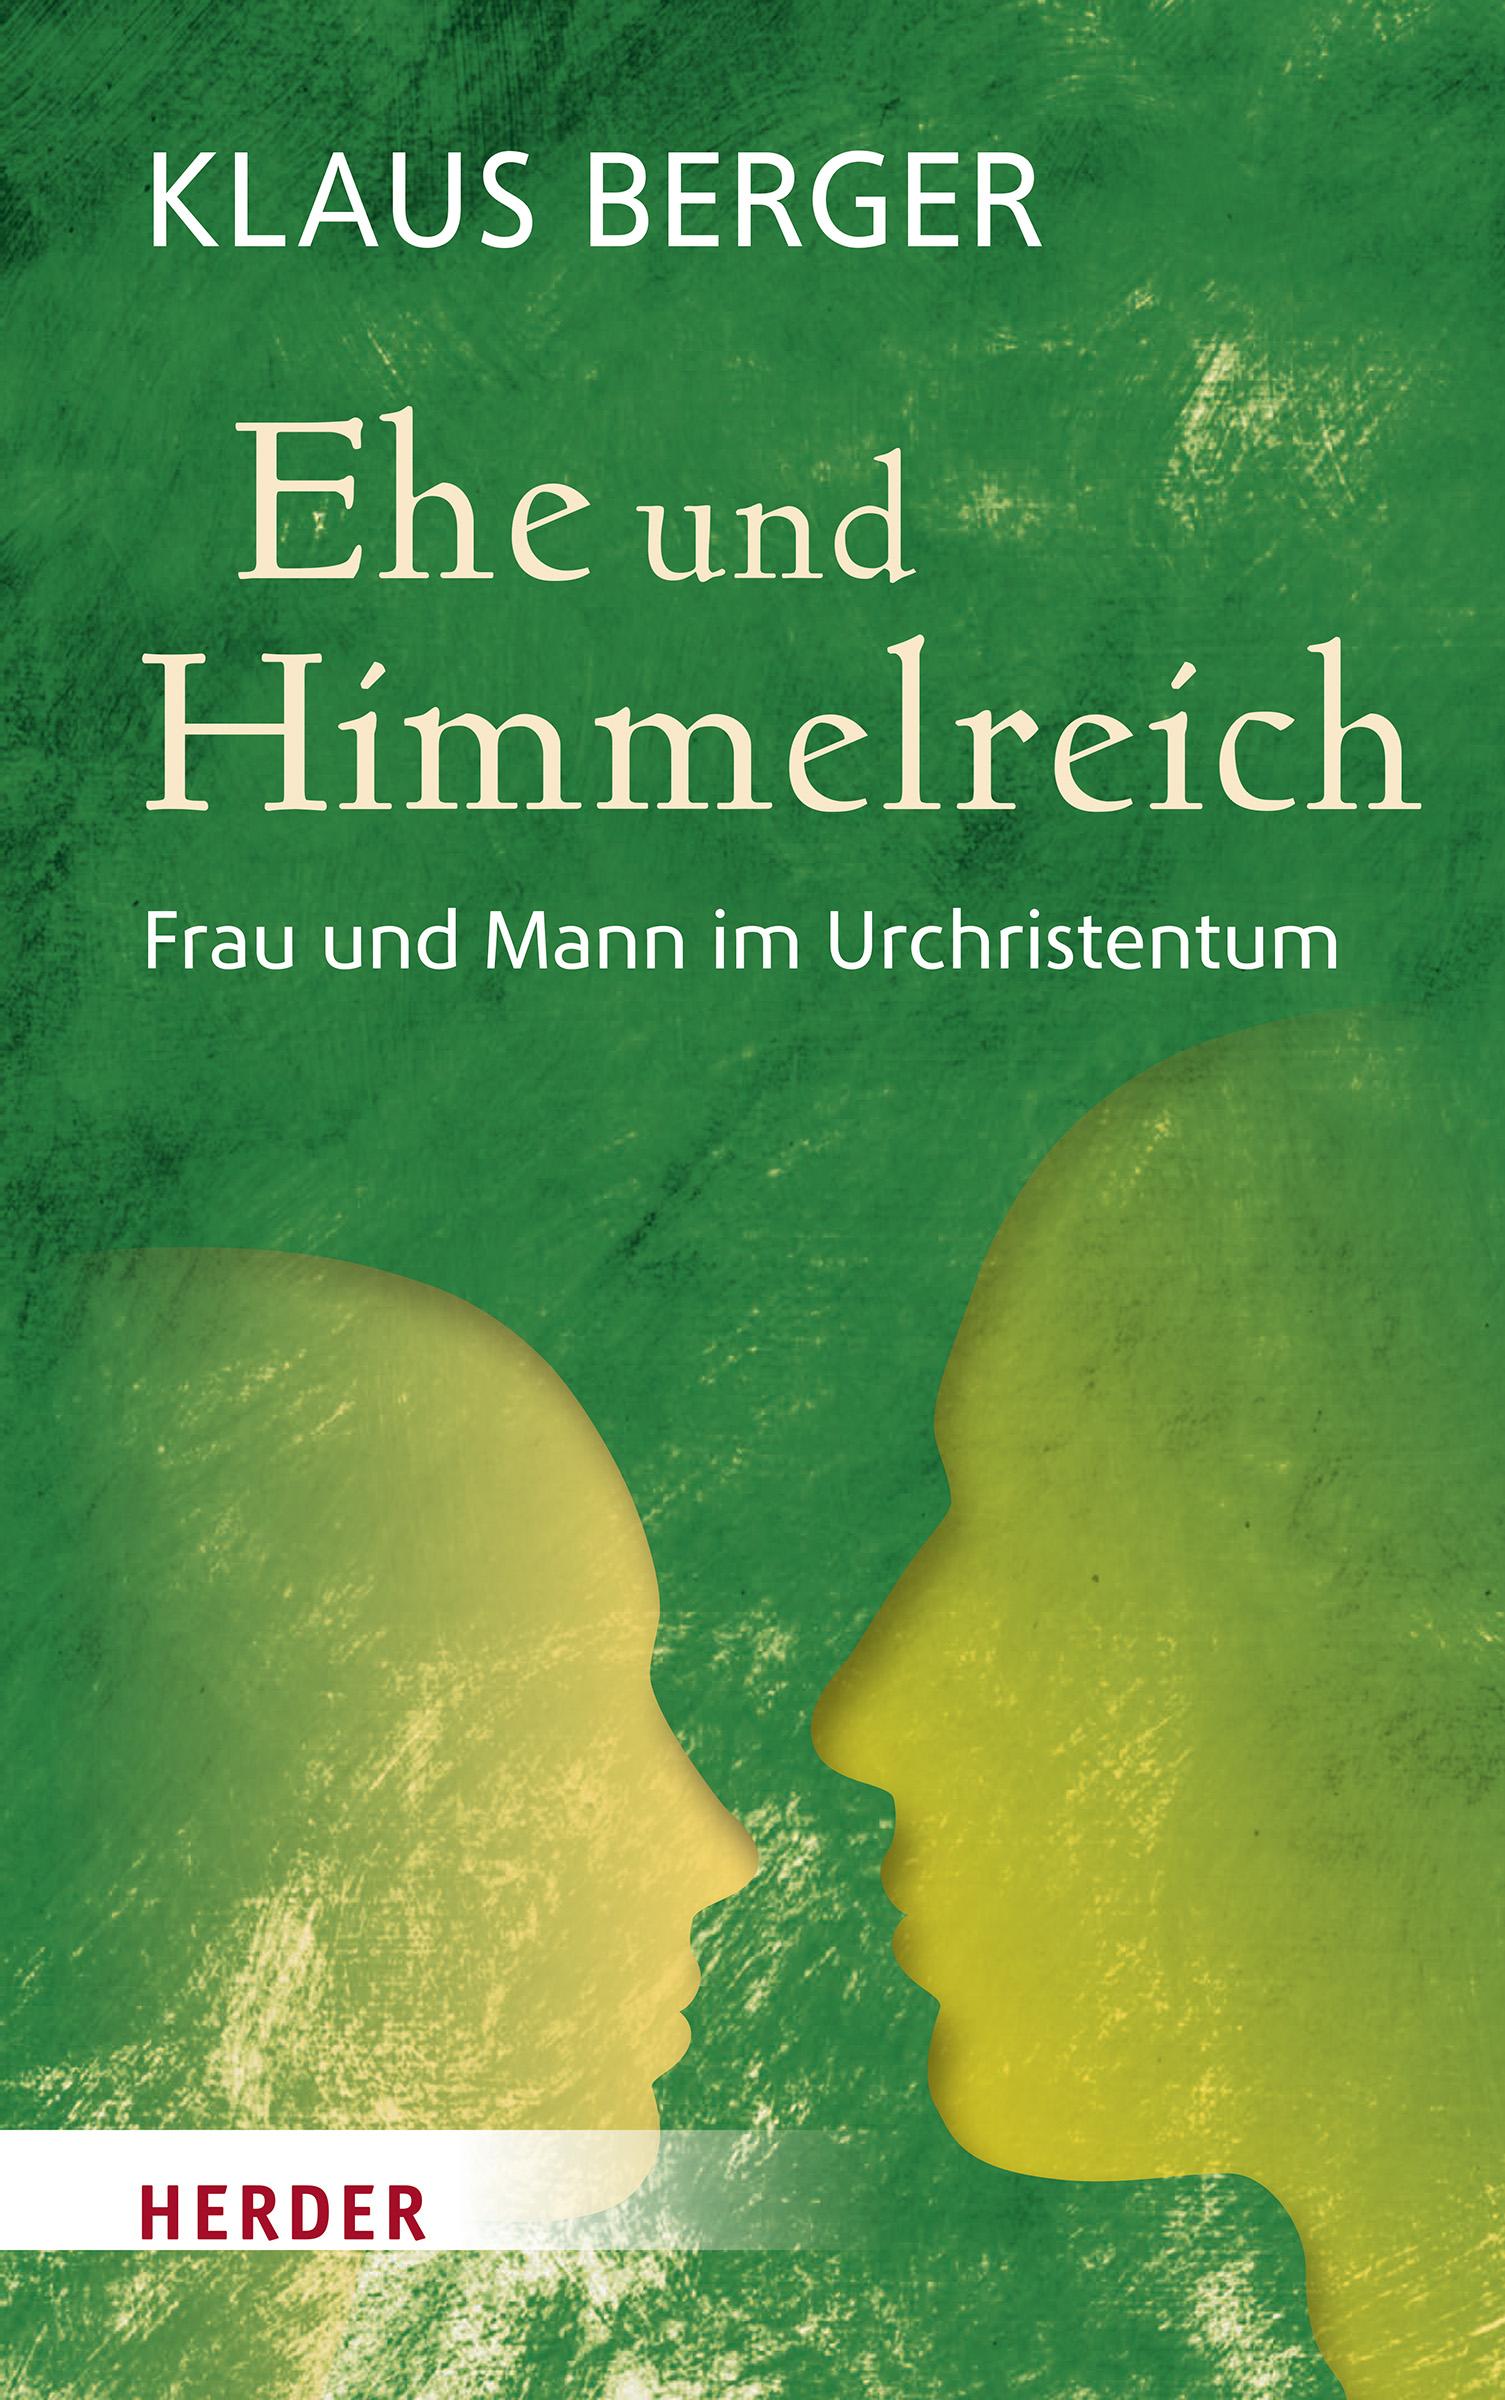 """Klaus Berger """"Ehe und Himmelreich, Frau und Mann im Urchristentum"""""""